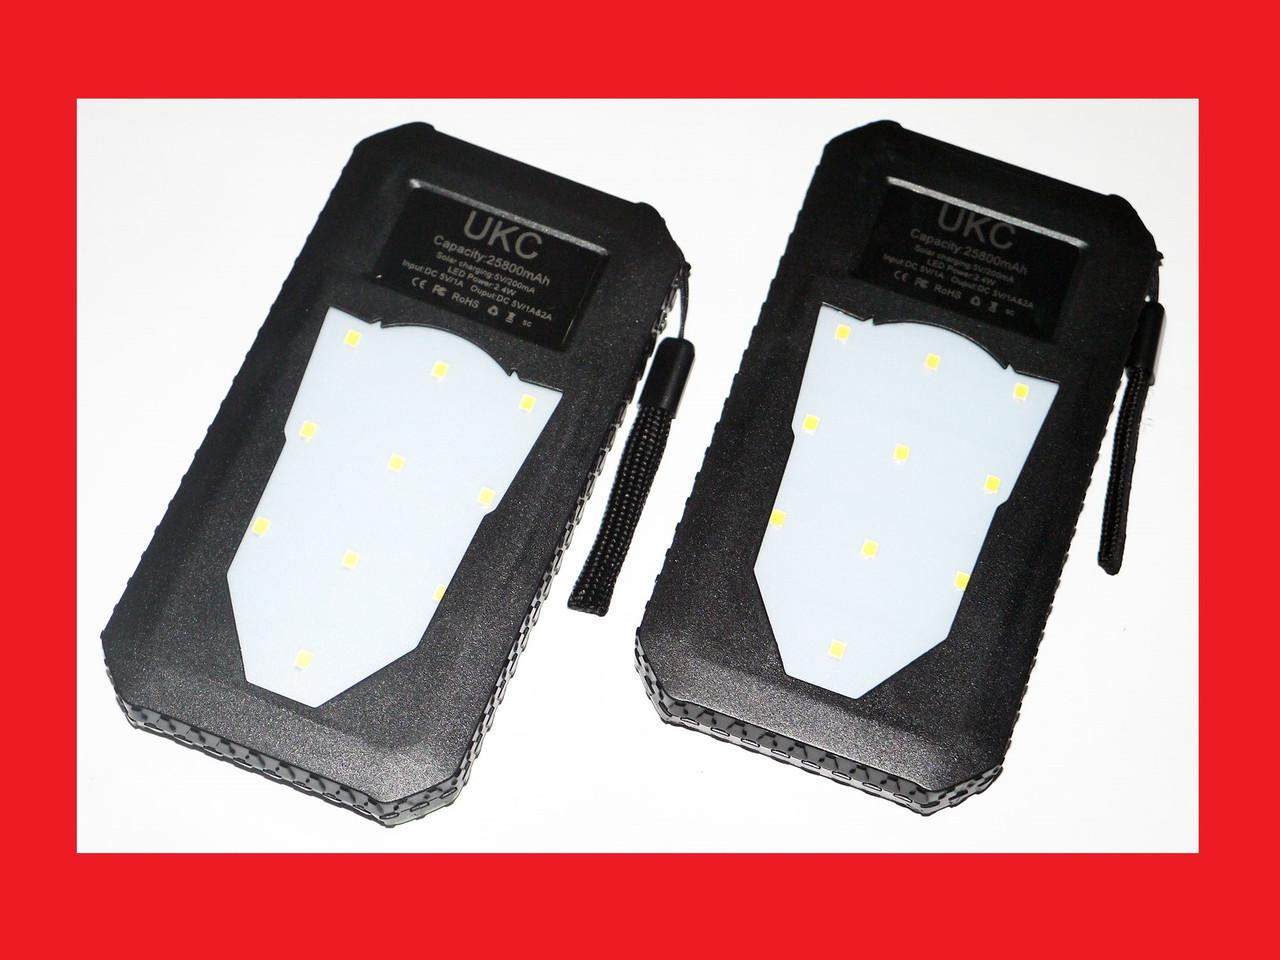 UKC 25800 mAh Solar Charger  Power Bank Солнечное зарядное устройство